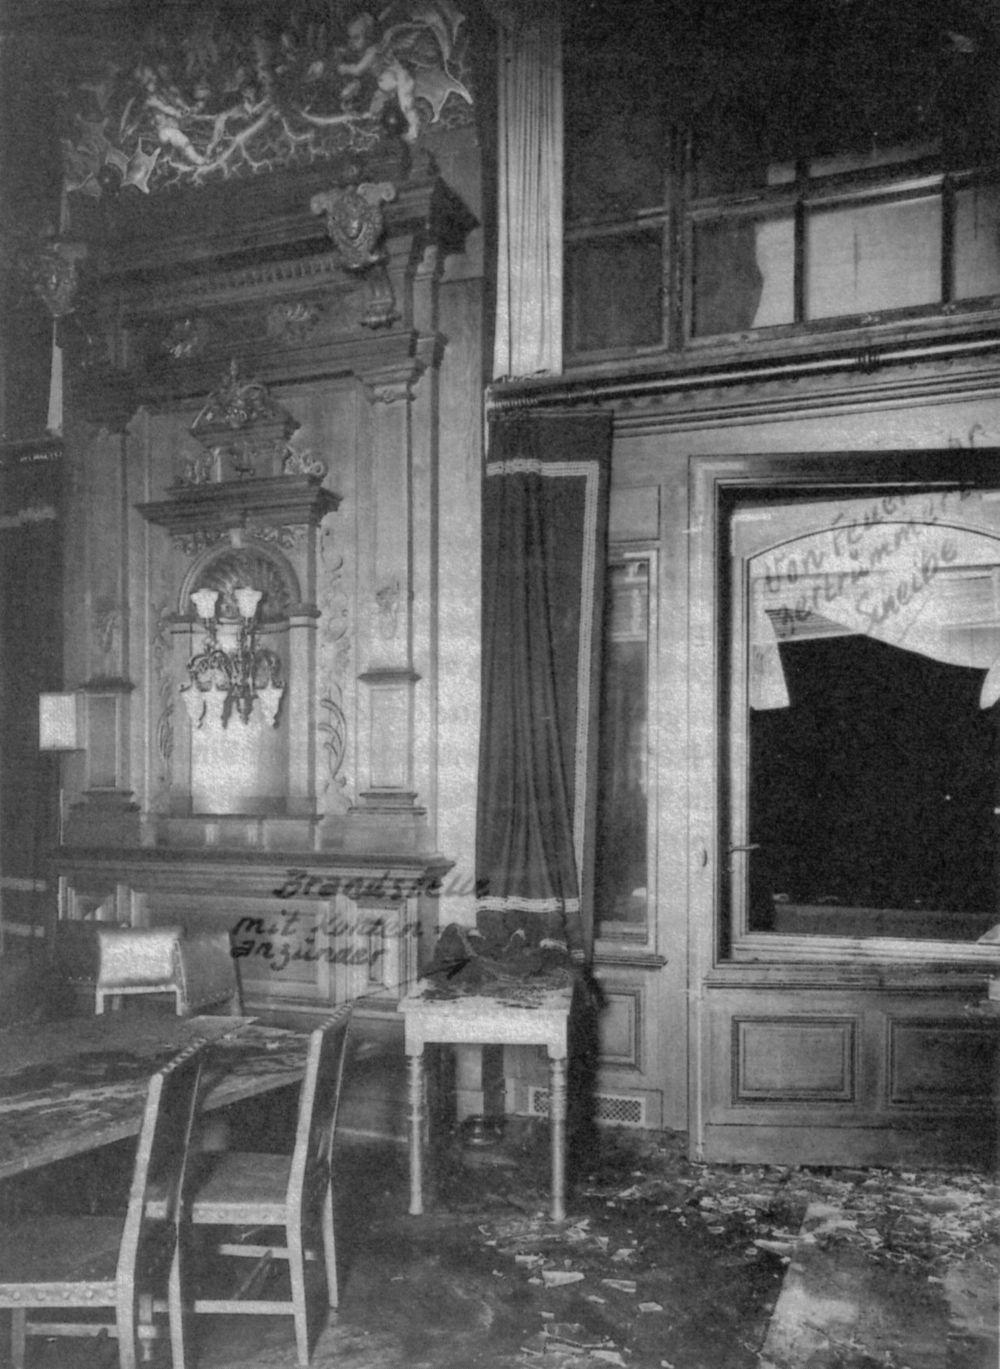 Door dit venster zou Van der Lubbe de Rijksdag zijn binnengedrongen